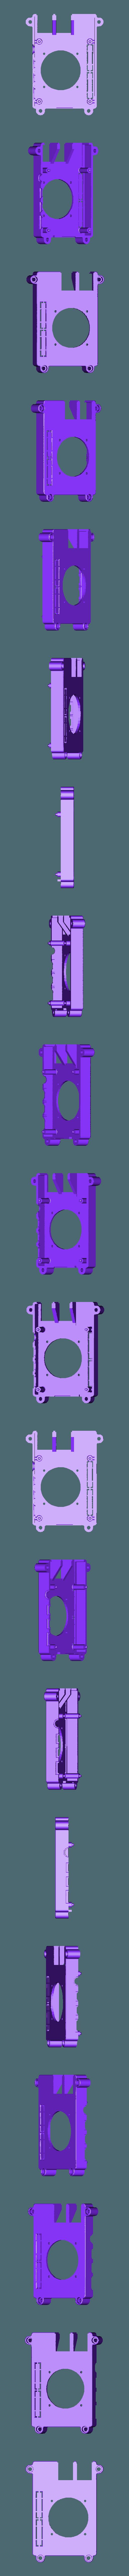 STANDARD_40MM_BLANK.STL Télécharger fichier STL gratuit Étui Pi 4B Framboise Framboise • Objet pour imprimante 3D, mkellsy